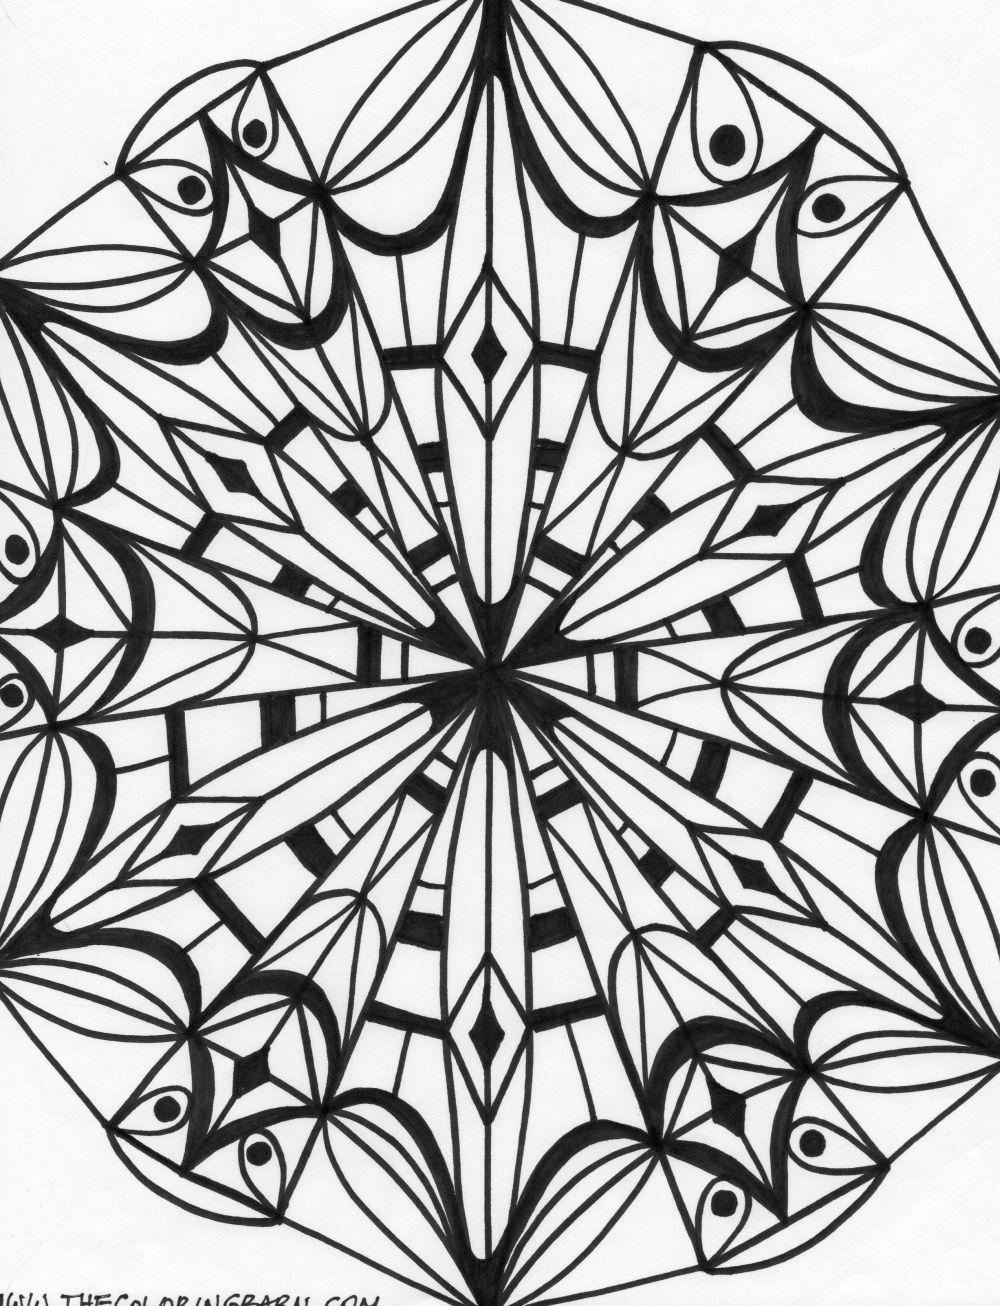 1000x1306 Printable Kaleidoscope Patterns Kaleidoscope 6 Coloring Page